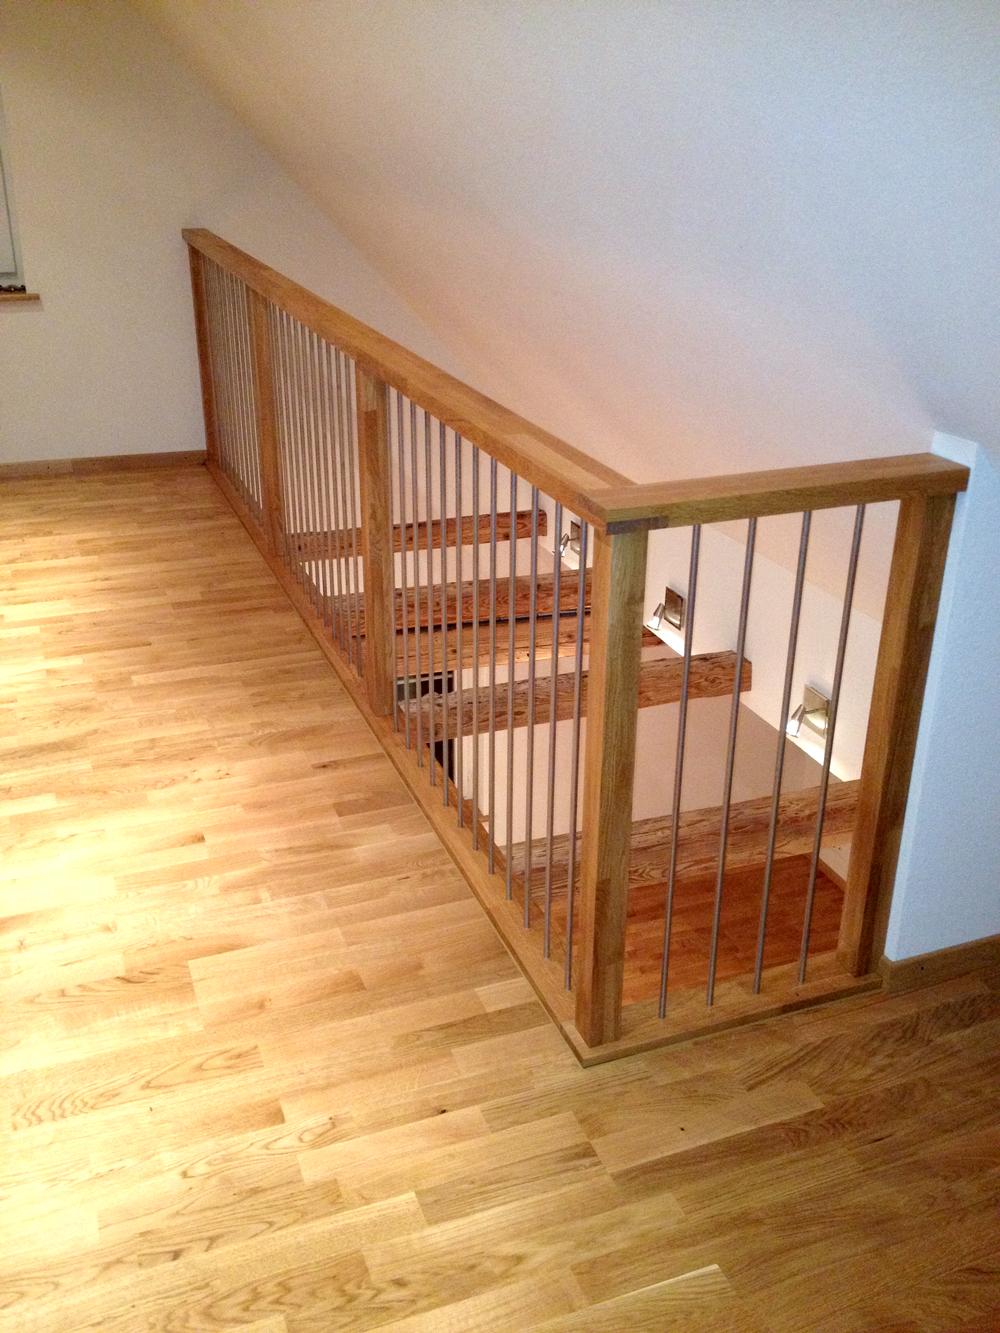 Treppengeländer Verkleiden wohnzimmerz treppengeländer verkleiden with h k treppenrenovierung